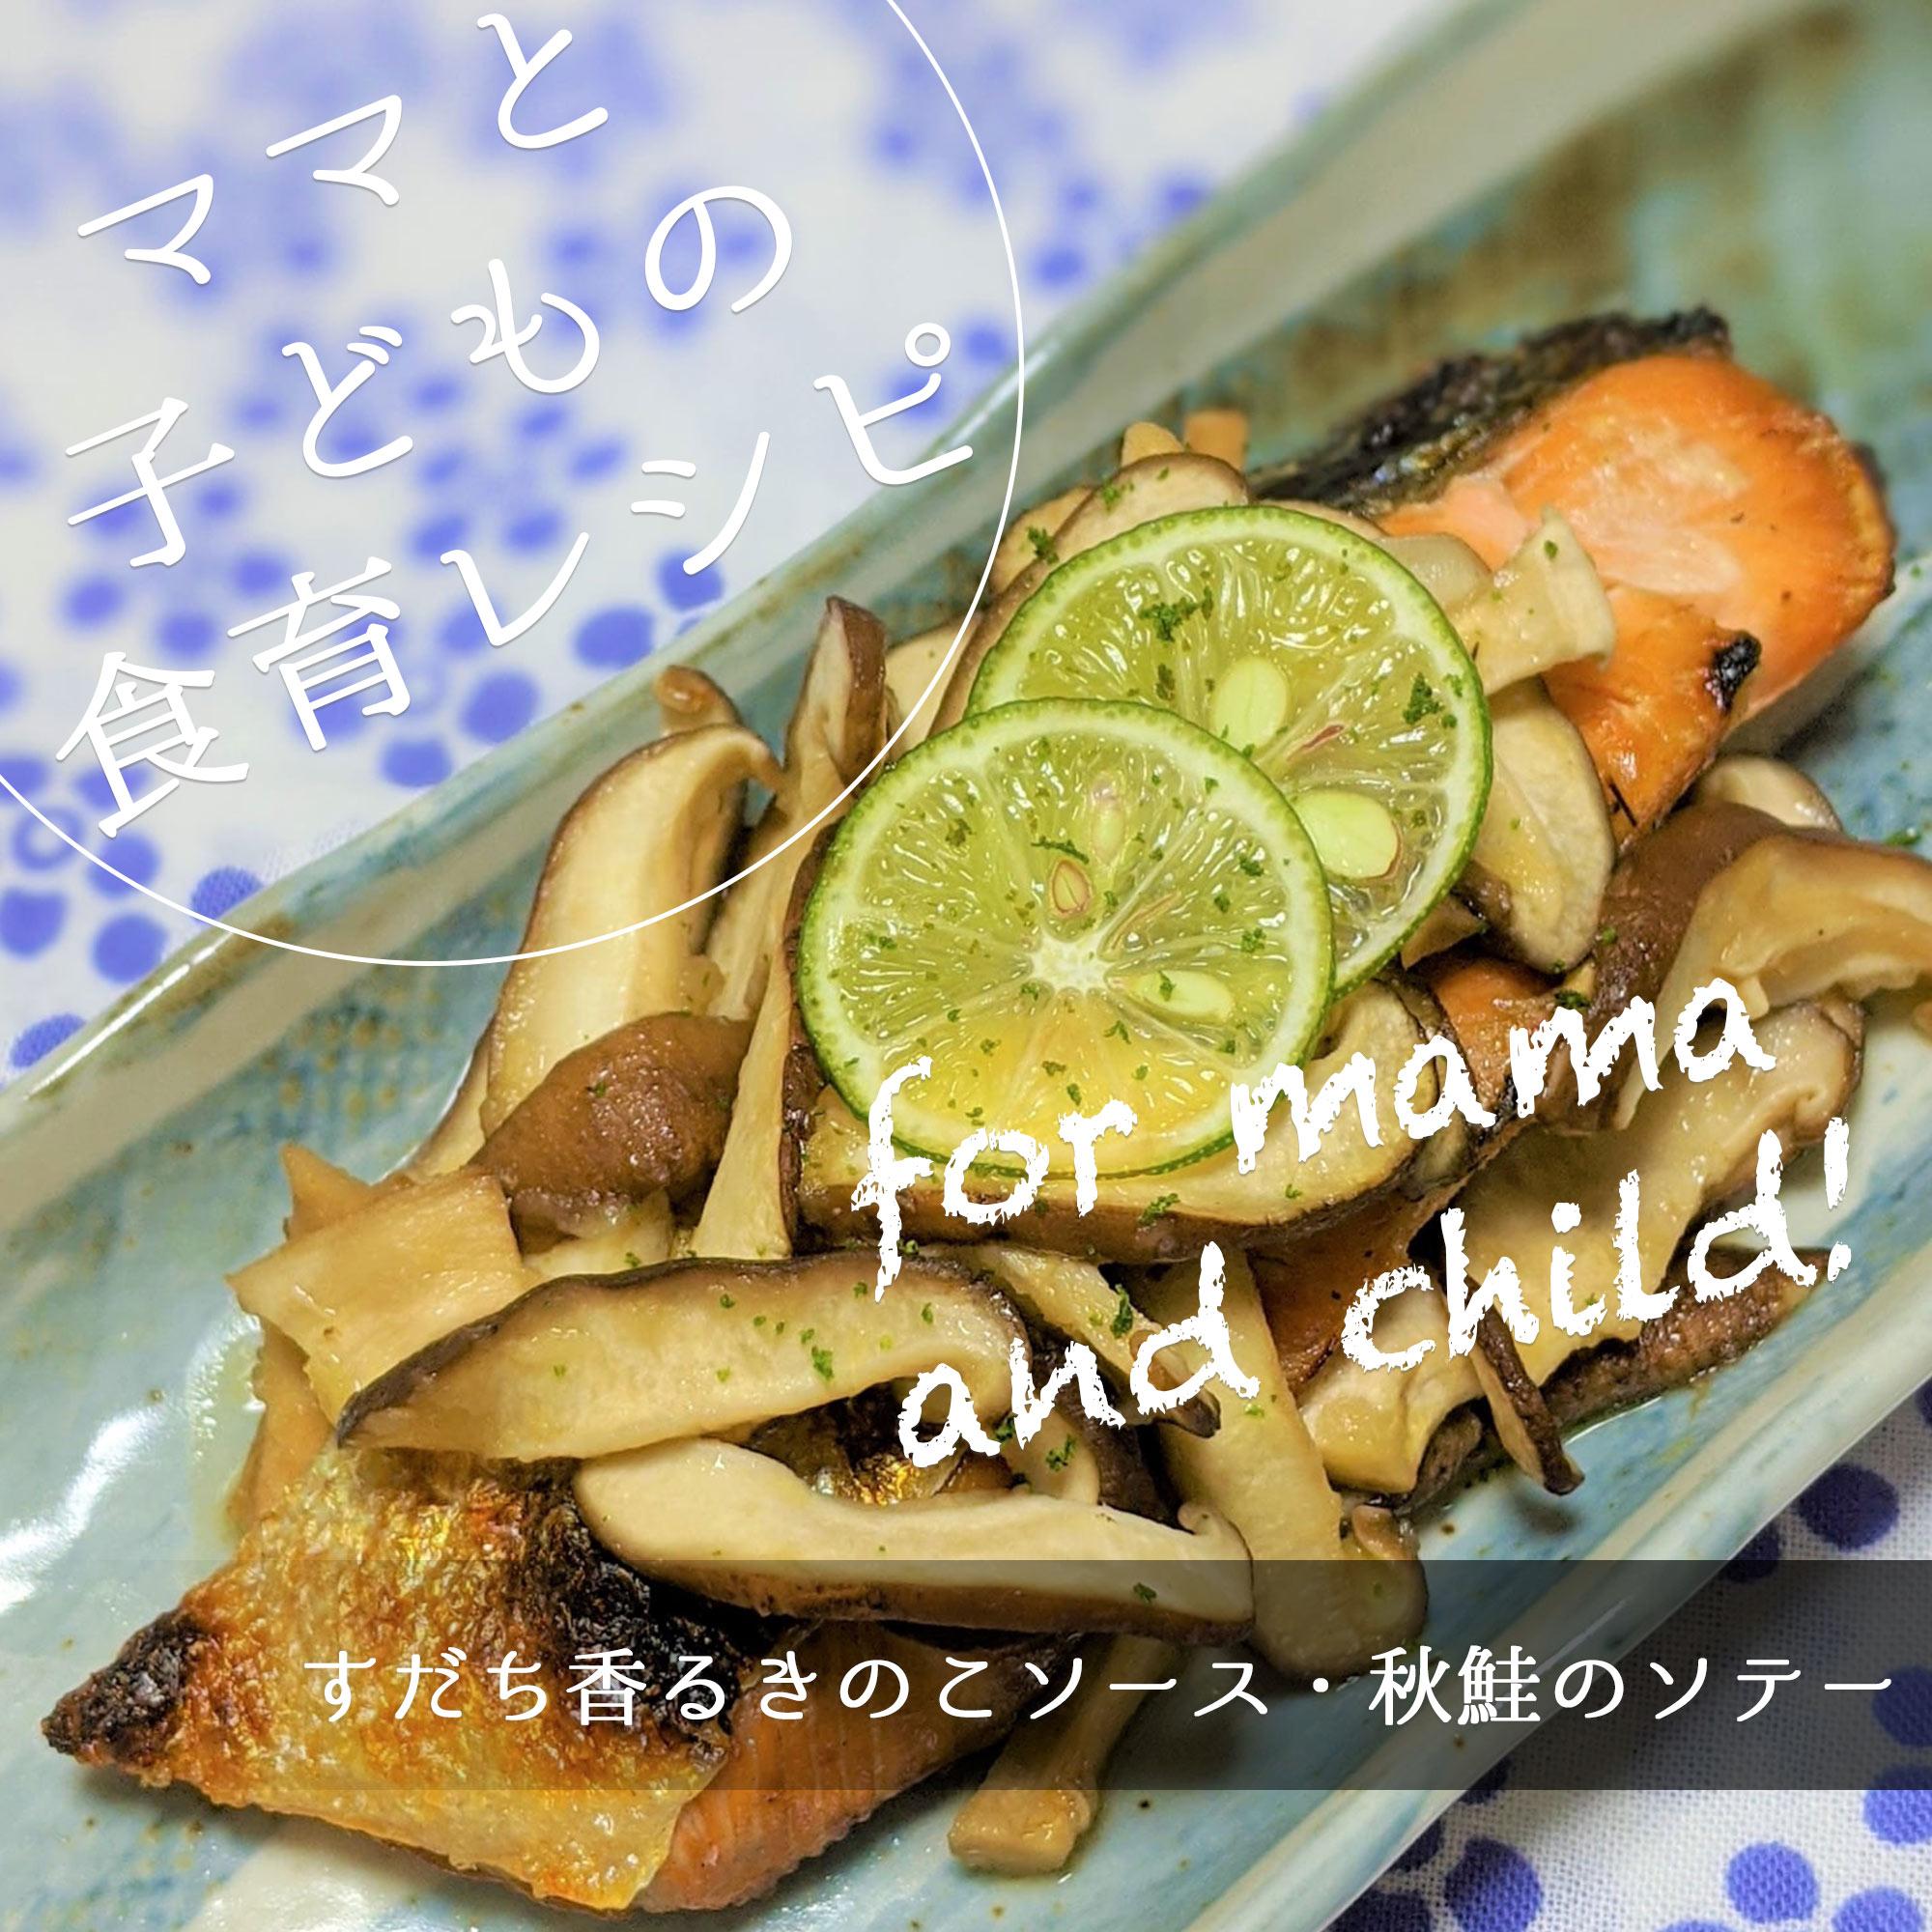 すだち香るきのこソース・秋鮭のソテー